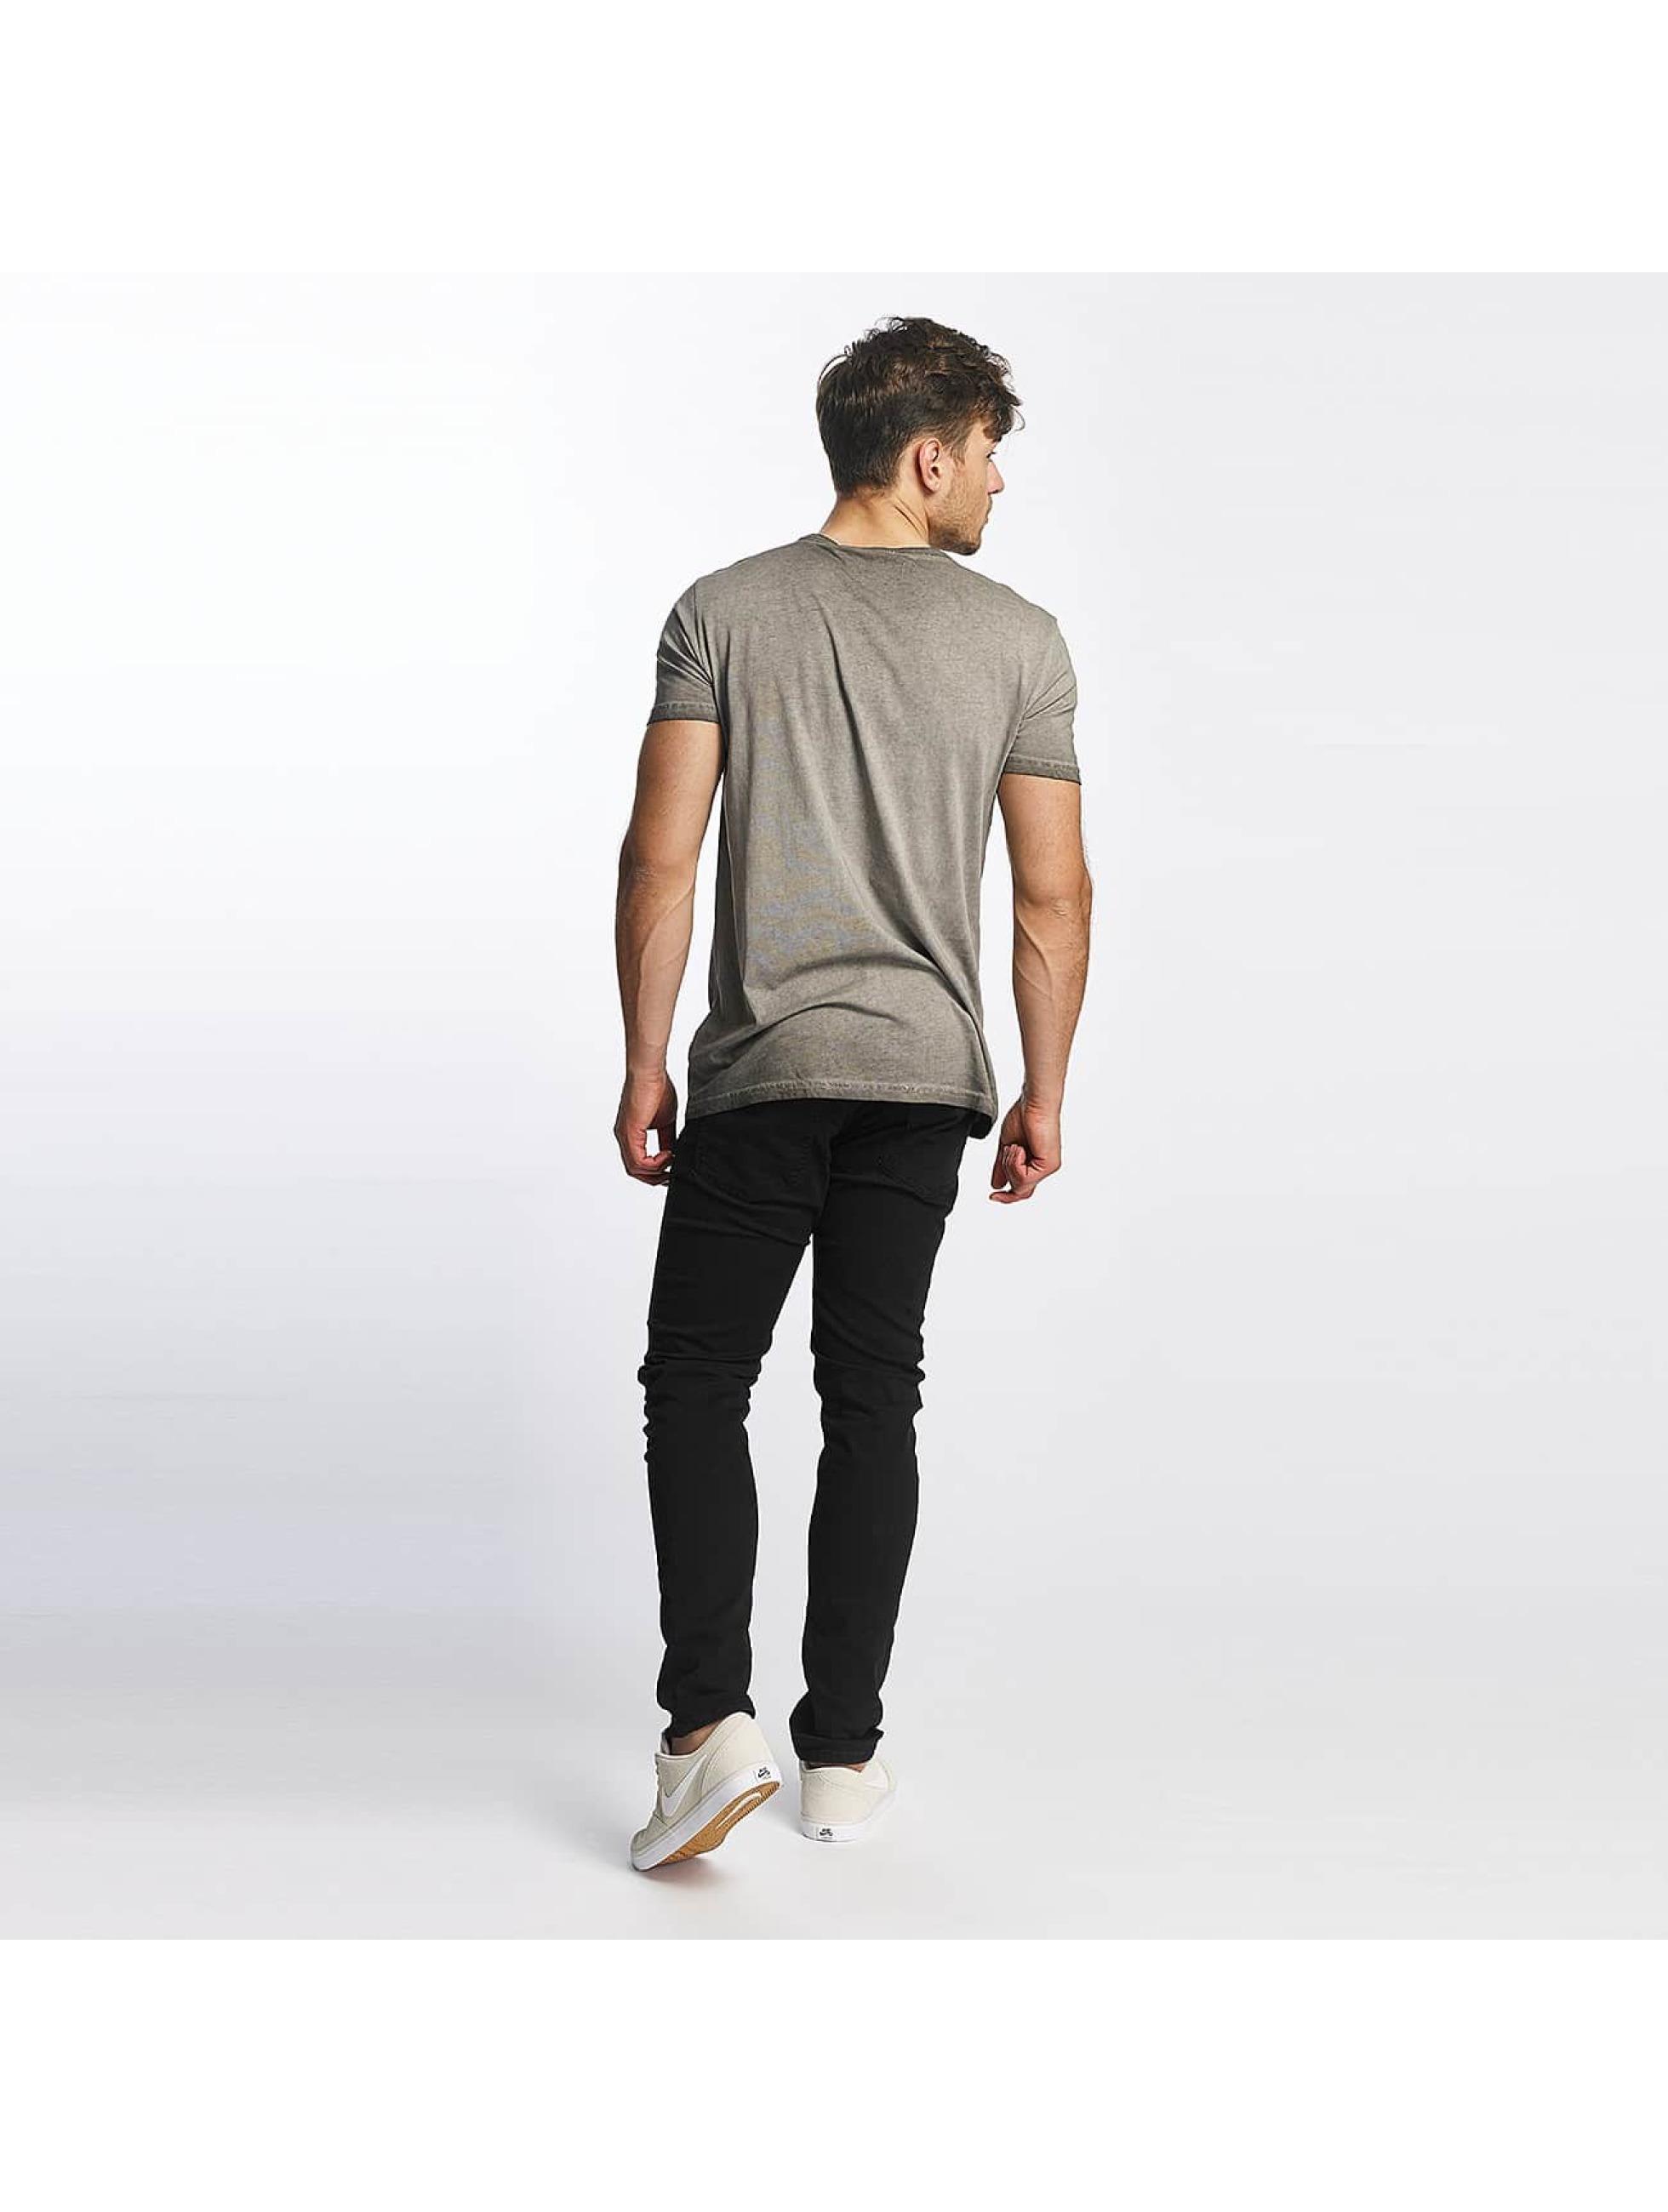 SHINE Original T-Shirt Oil Washed Printed grau